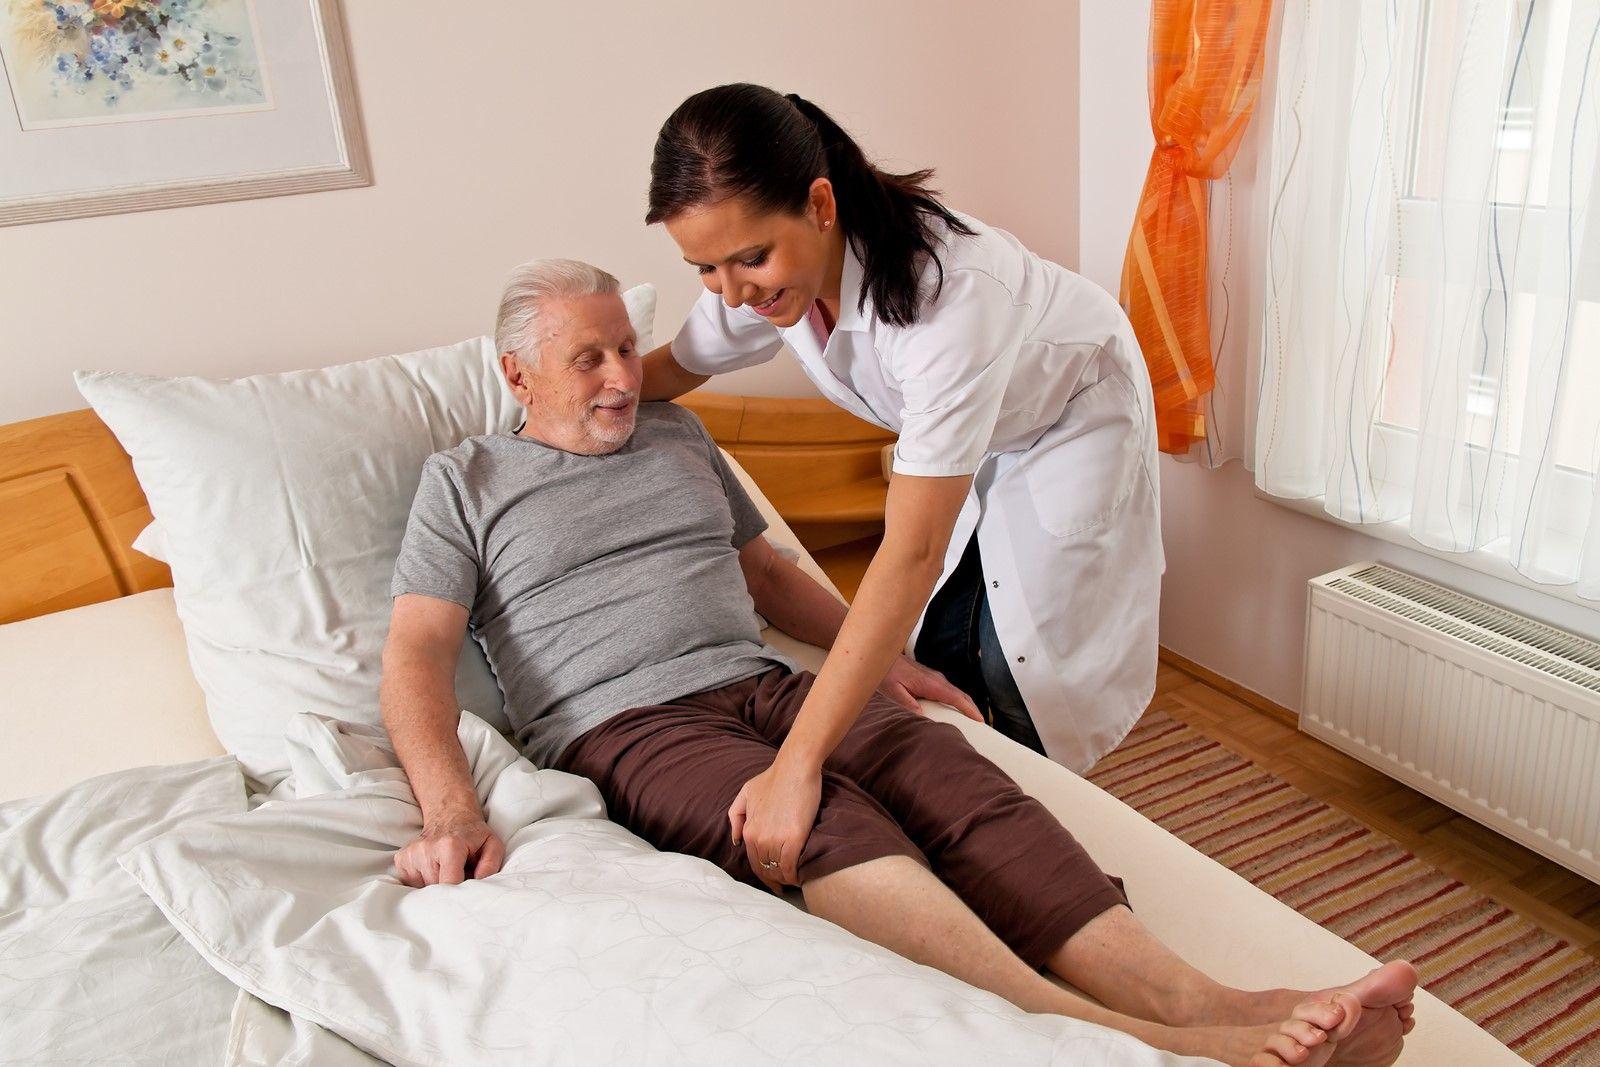 Idea by Peachy Magistrado on Peachtacular Home Health Care